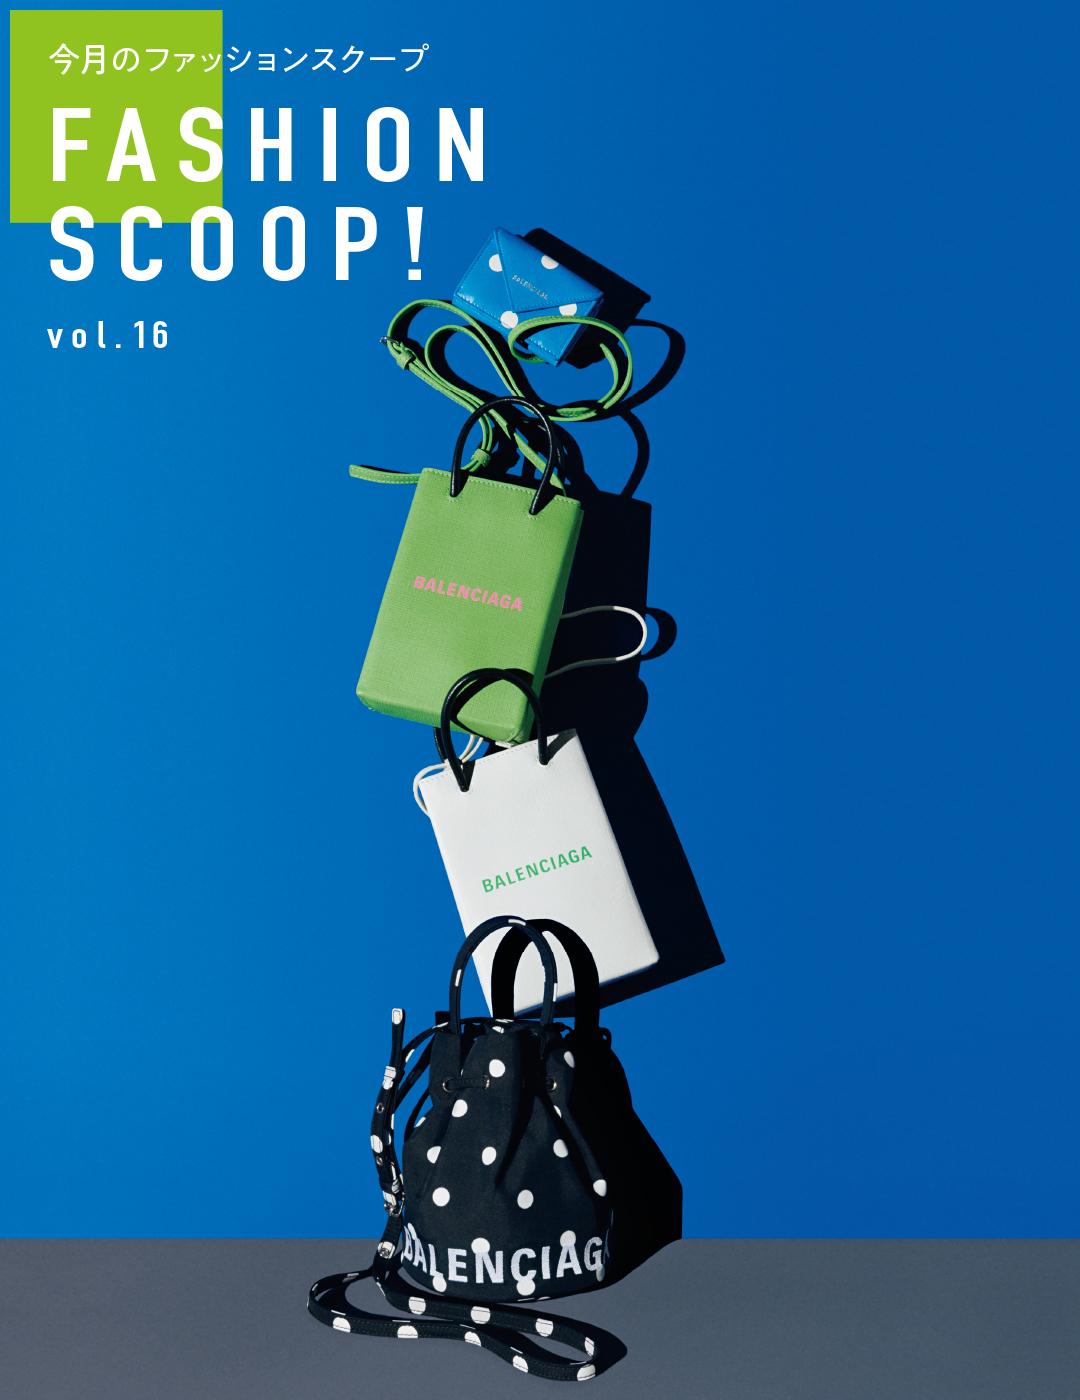 今月のファッションスクープ FASHION SCOOP! vol.15